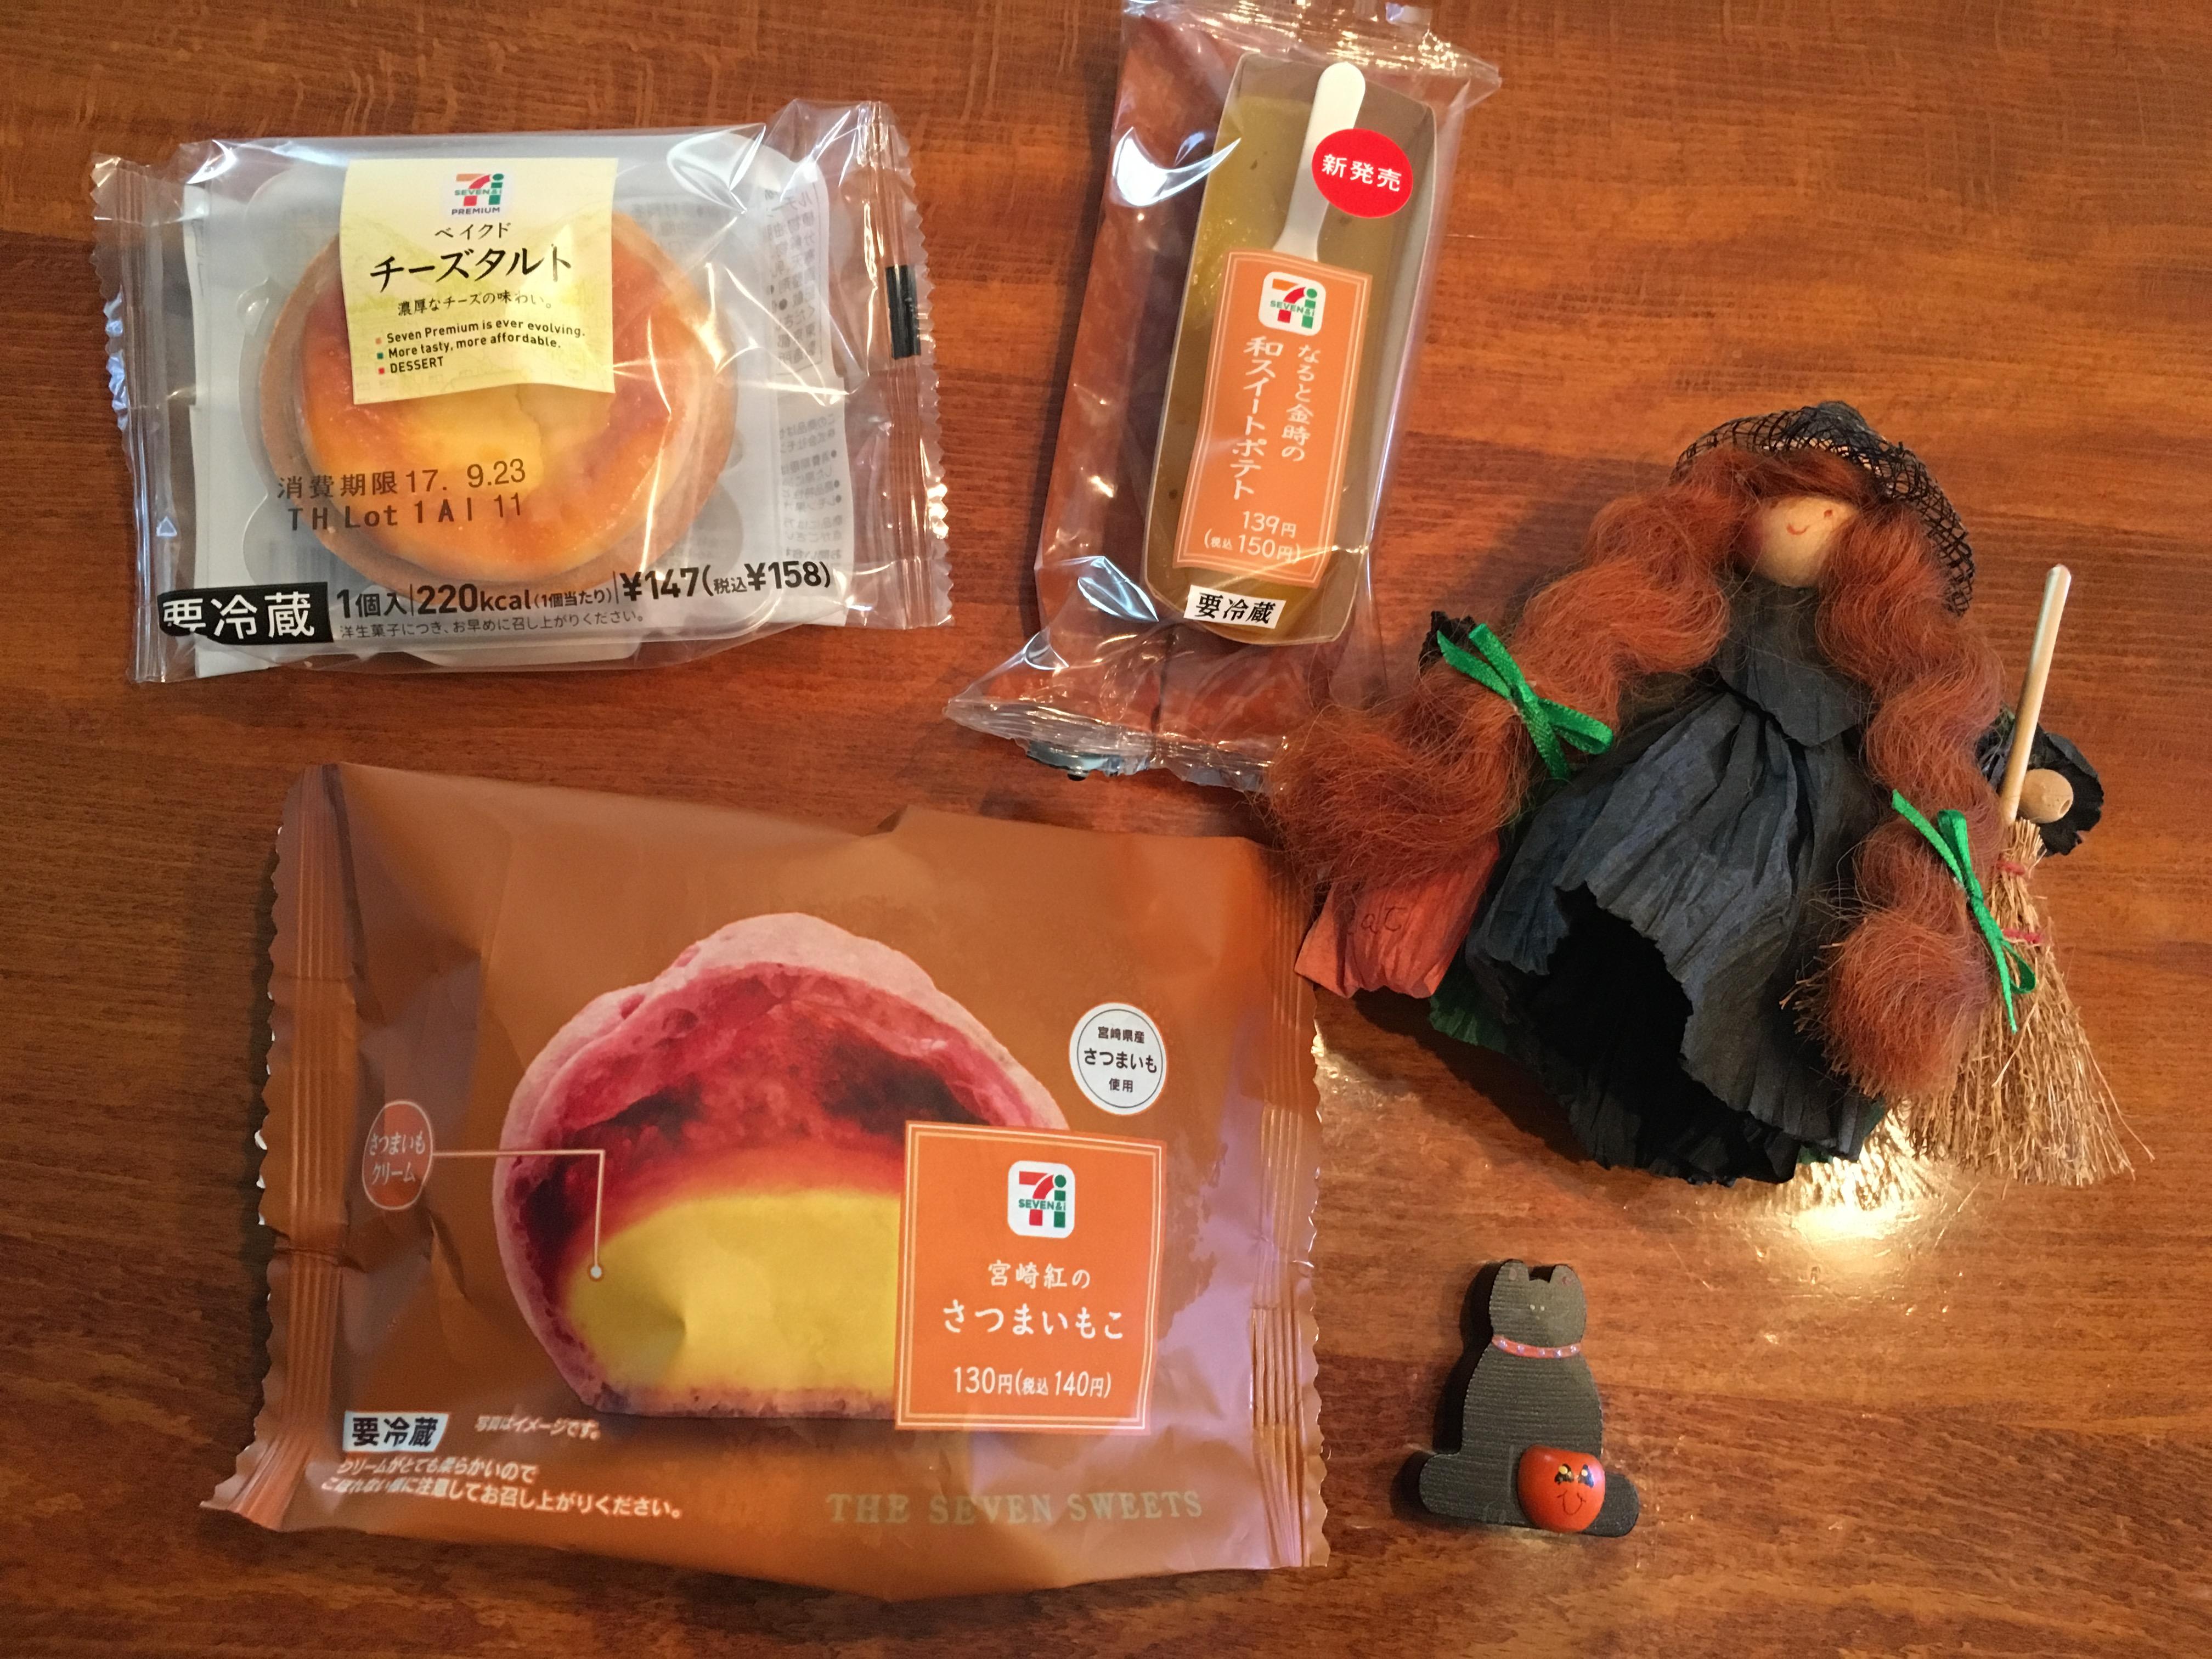 【セブンイレブン】秋の新作スイーツで食べたいおすすめのスイーツ3選